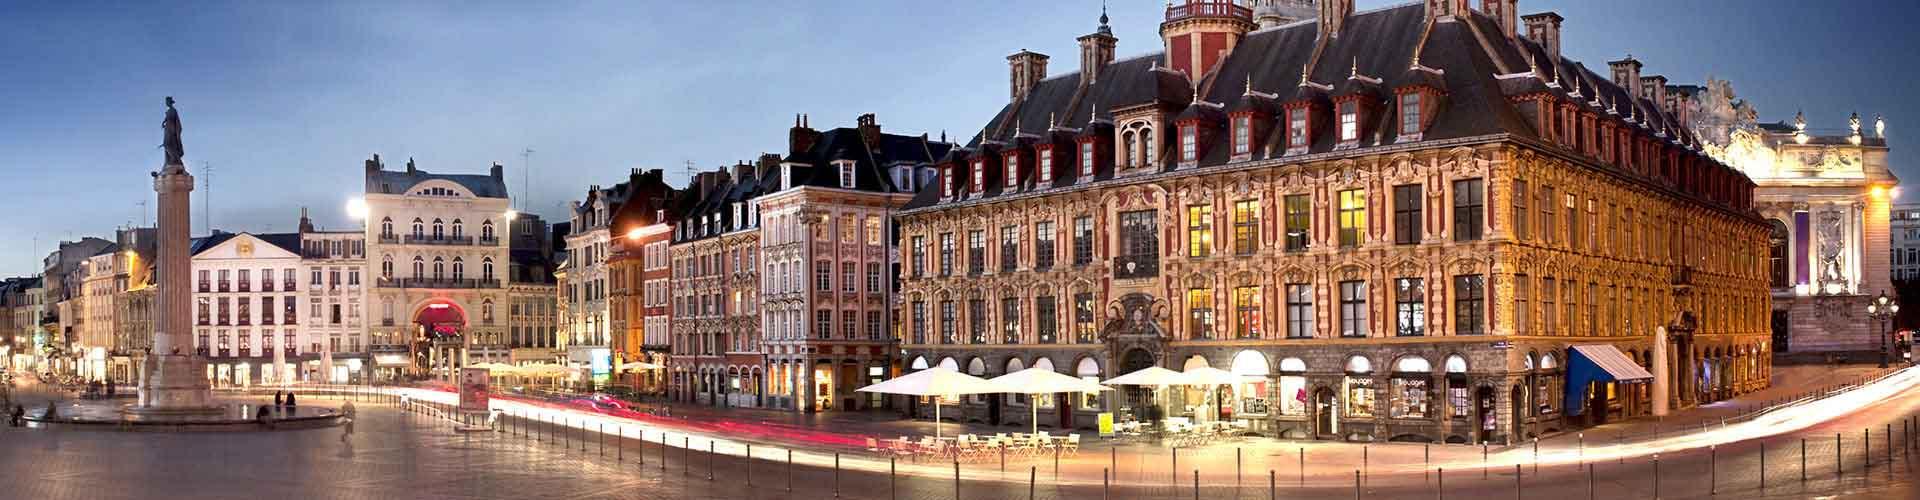 里尔 – 里尔佛郎德勒火车站附近的宾馆。里尔地图,里尔每间宾馆的照片和评价。